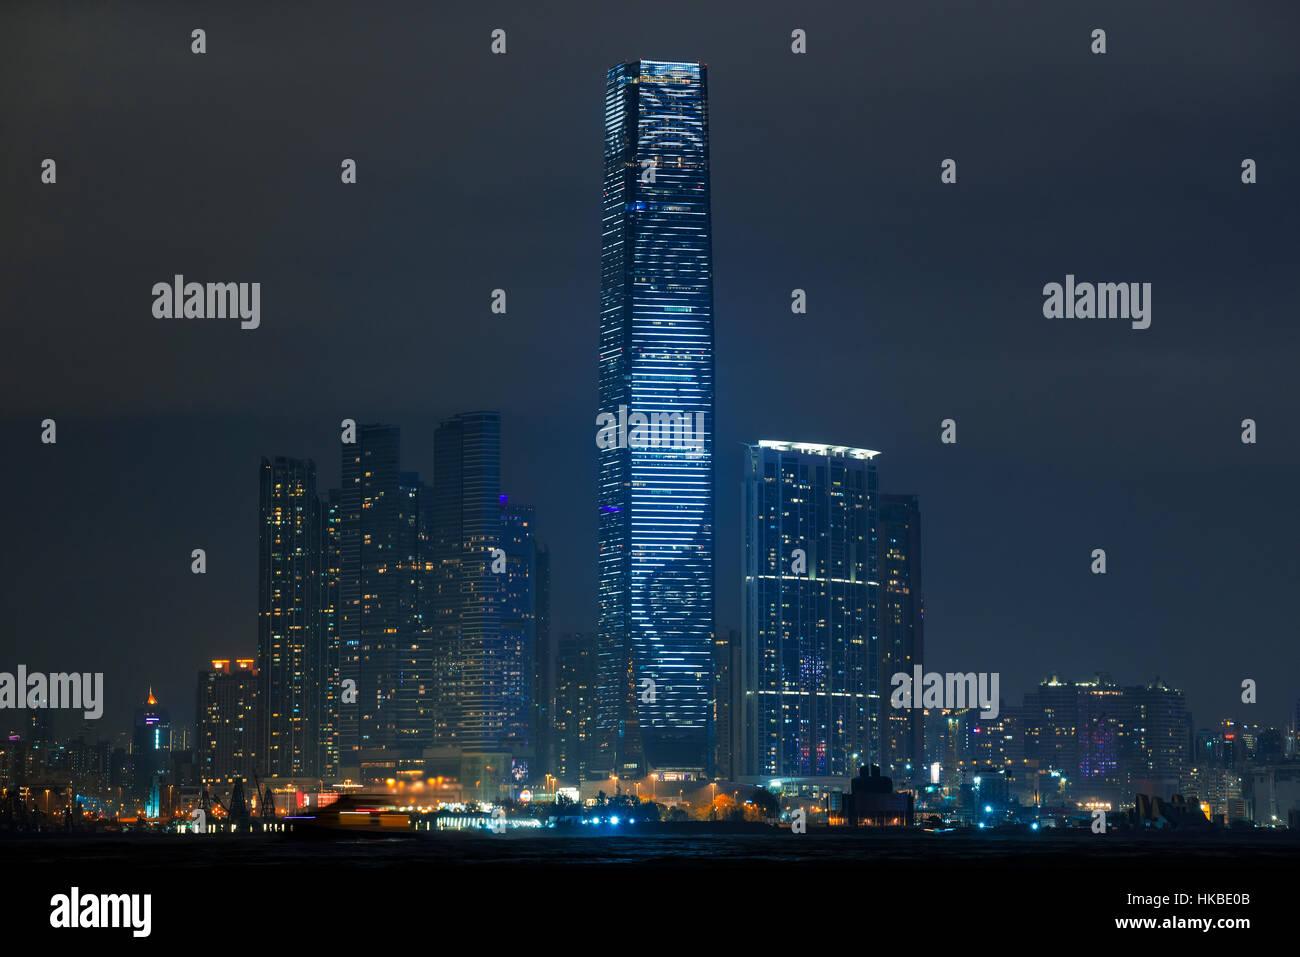 Hong Kong, China. 28 ene, 2017. El día del año nuevo chino, el Centro de Comercio Internacional CCI iluminación Foto de stock